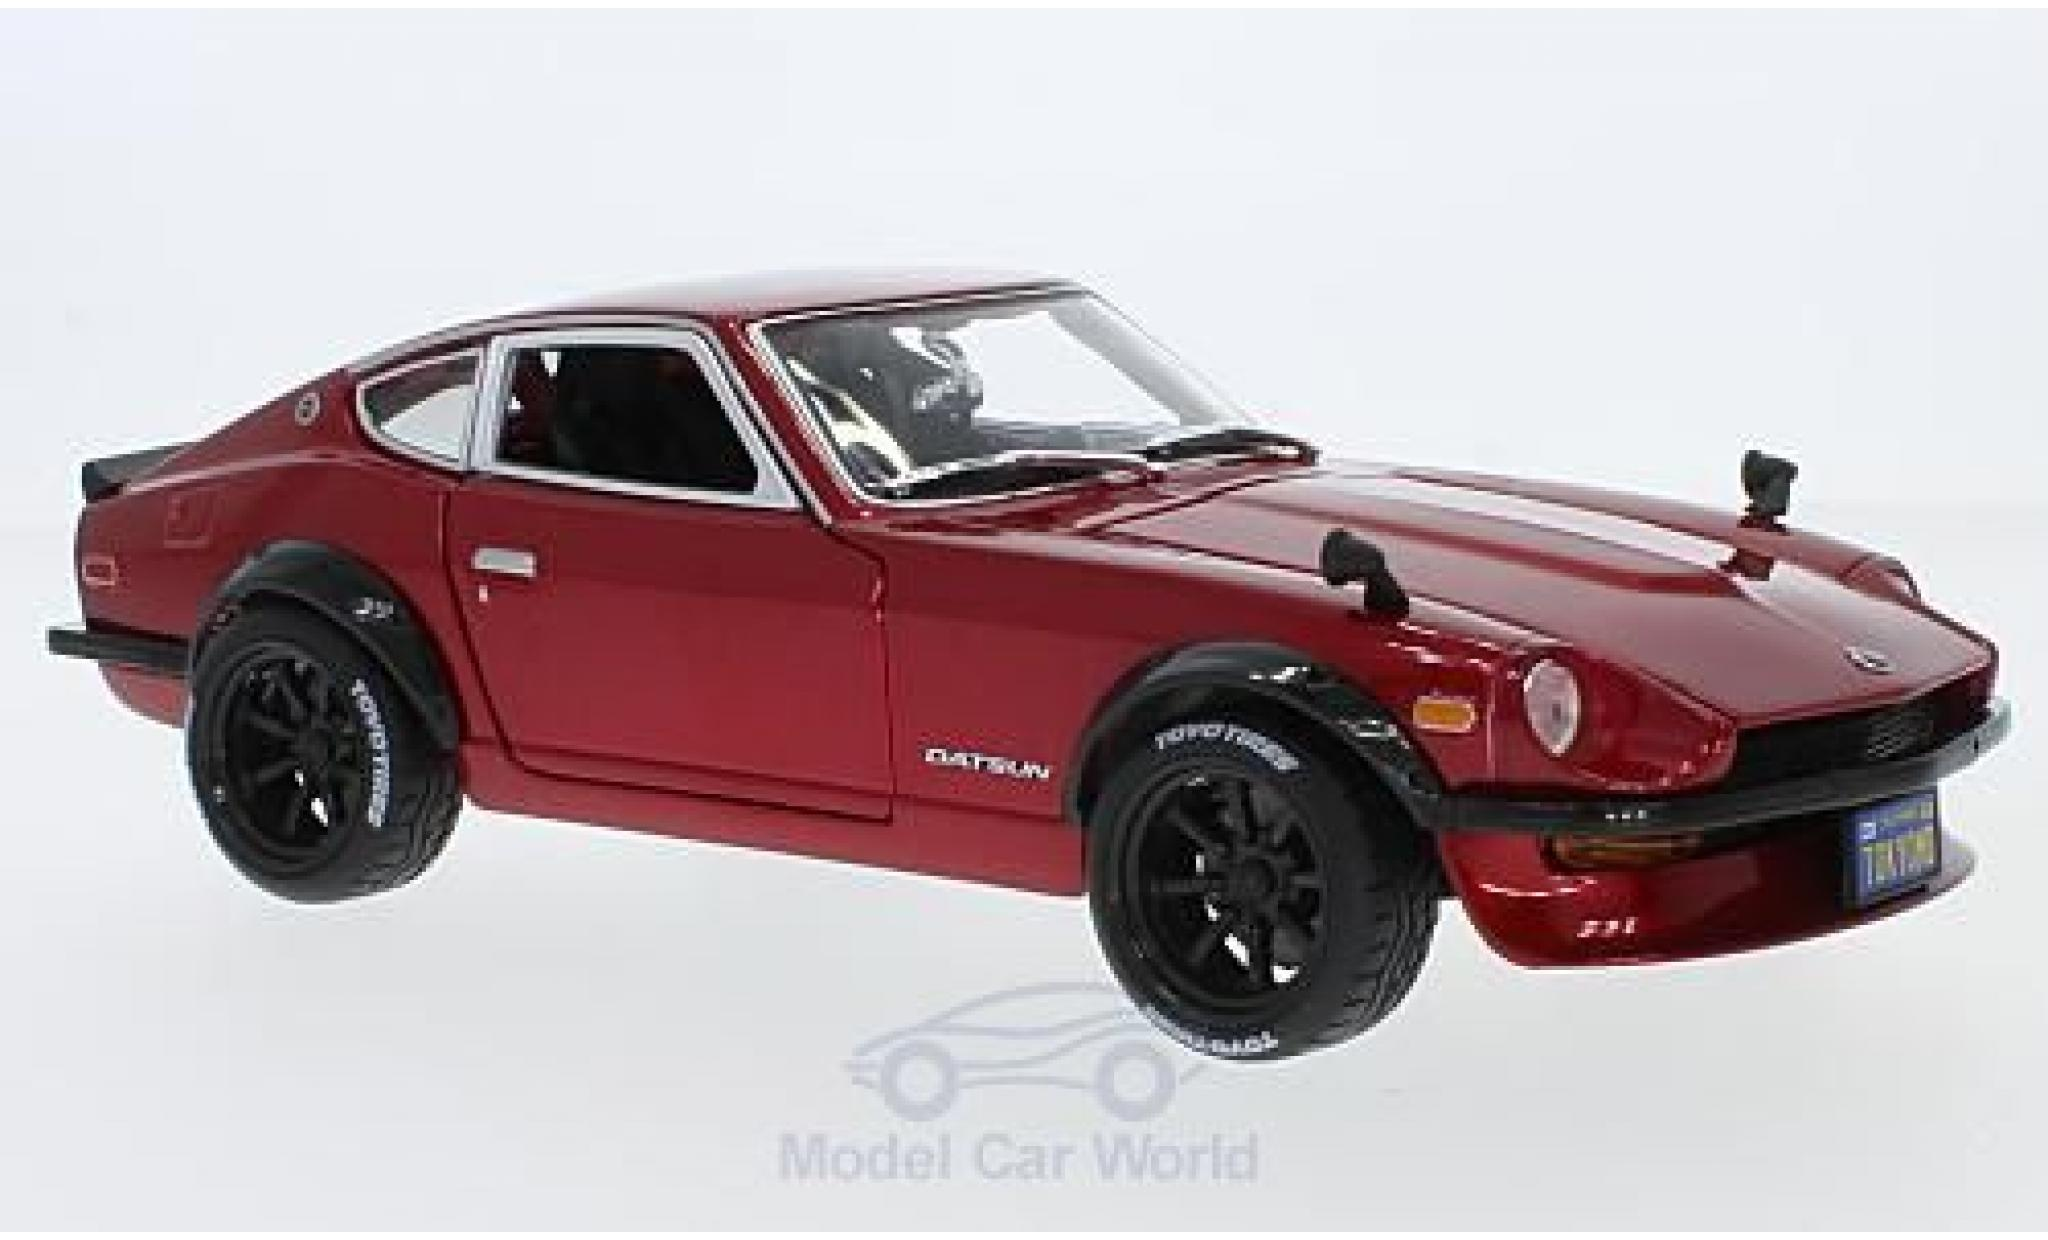 Datsun 240Z 1/18 Maisto metallise rouge 1971